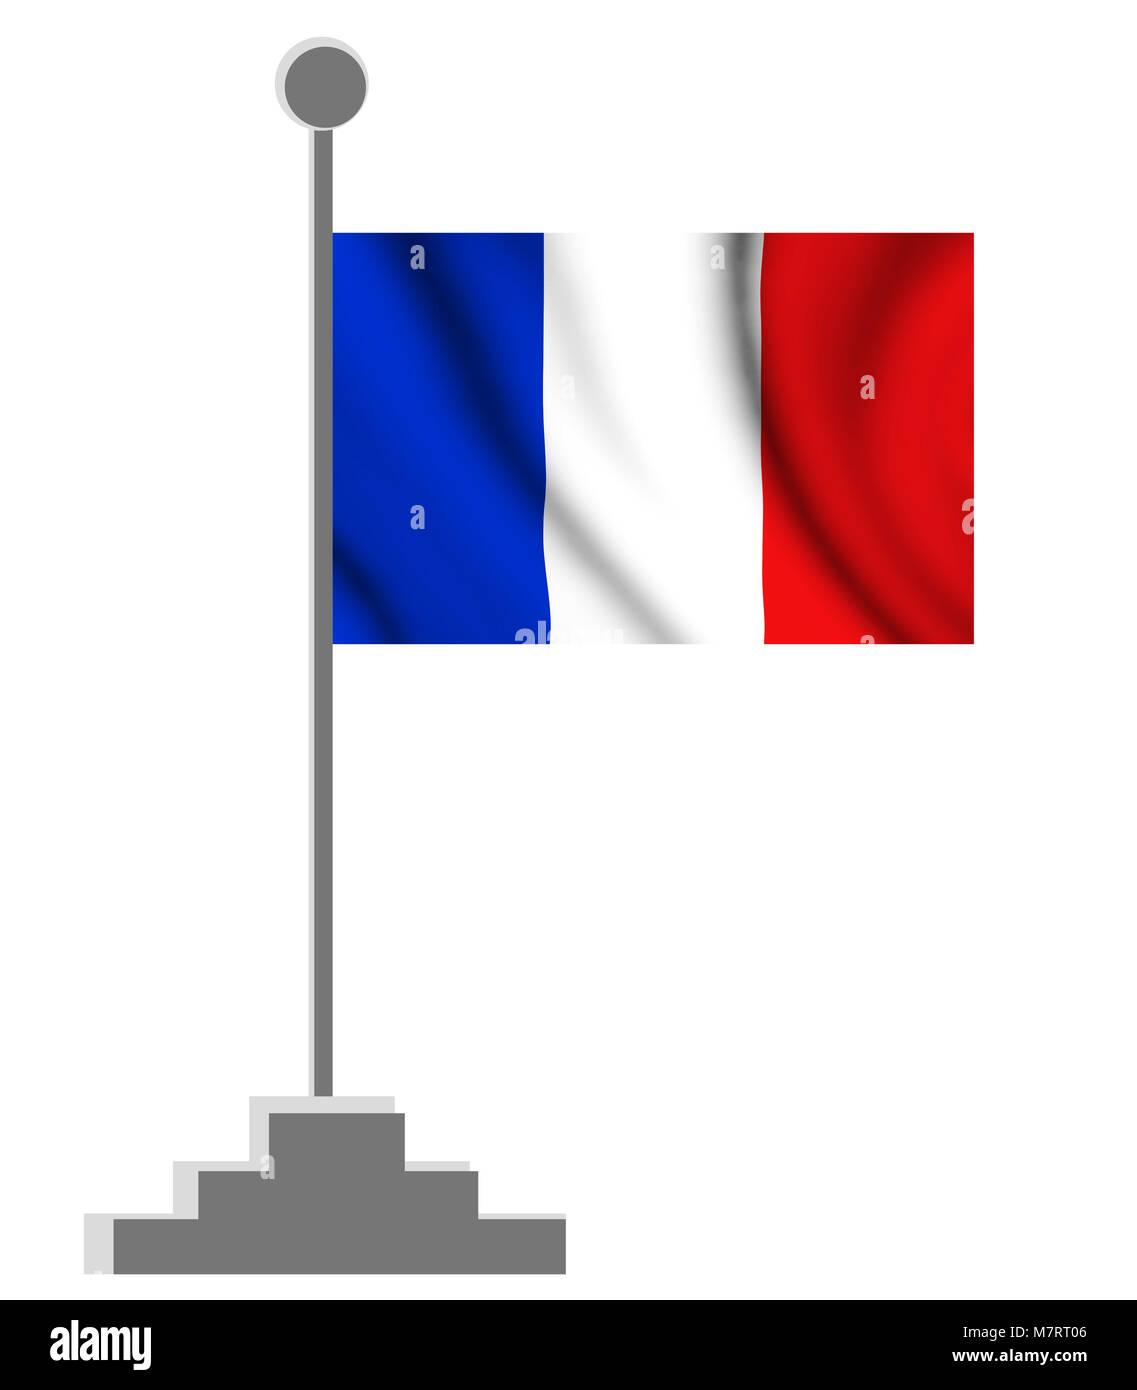 wavy french flag illustration - Stock Image